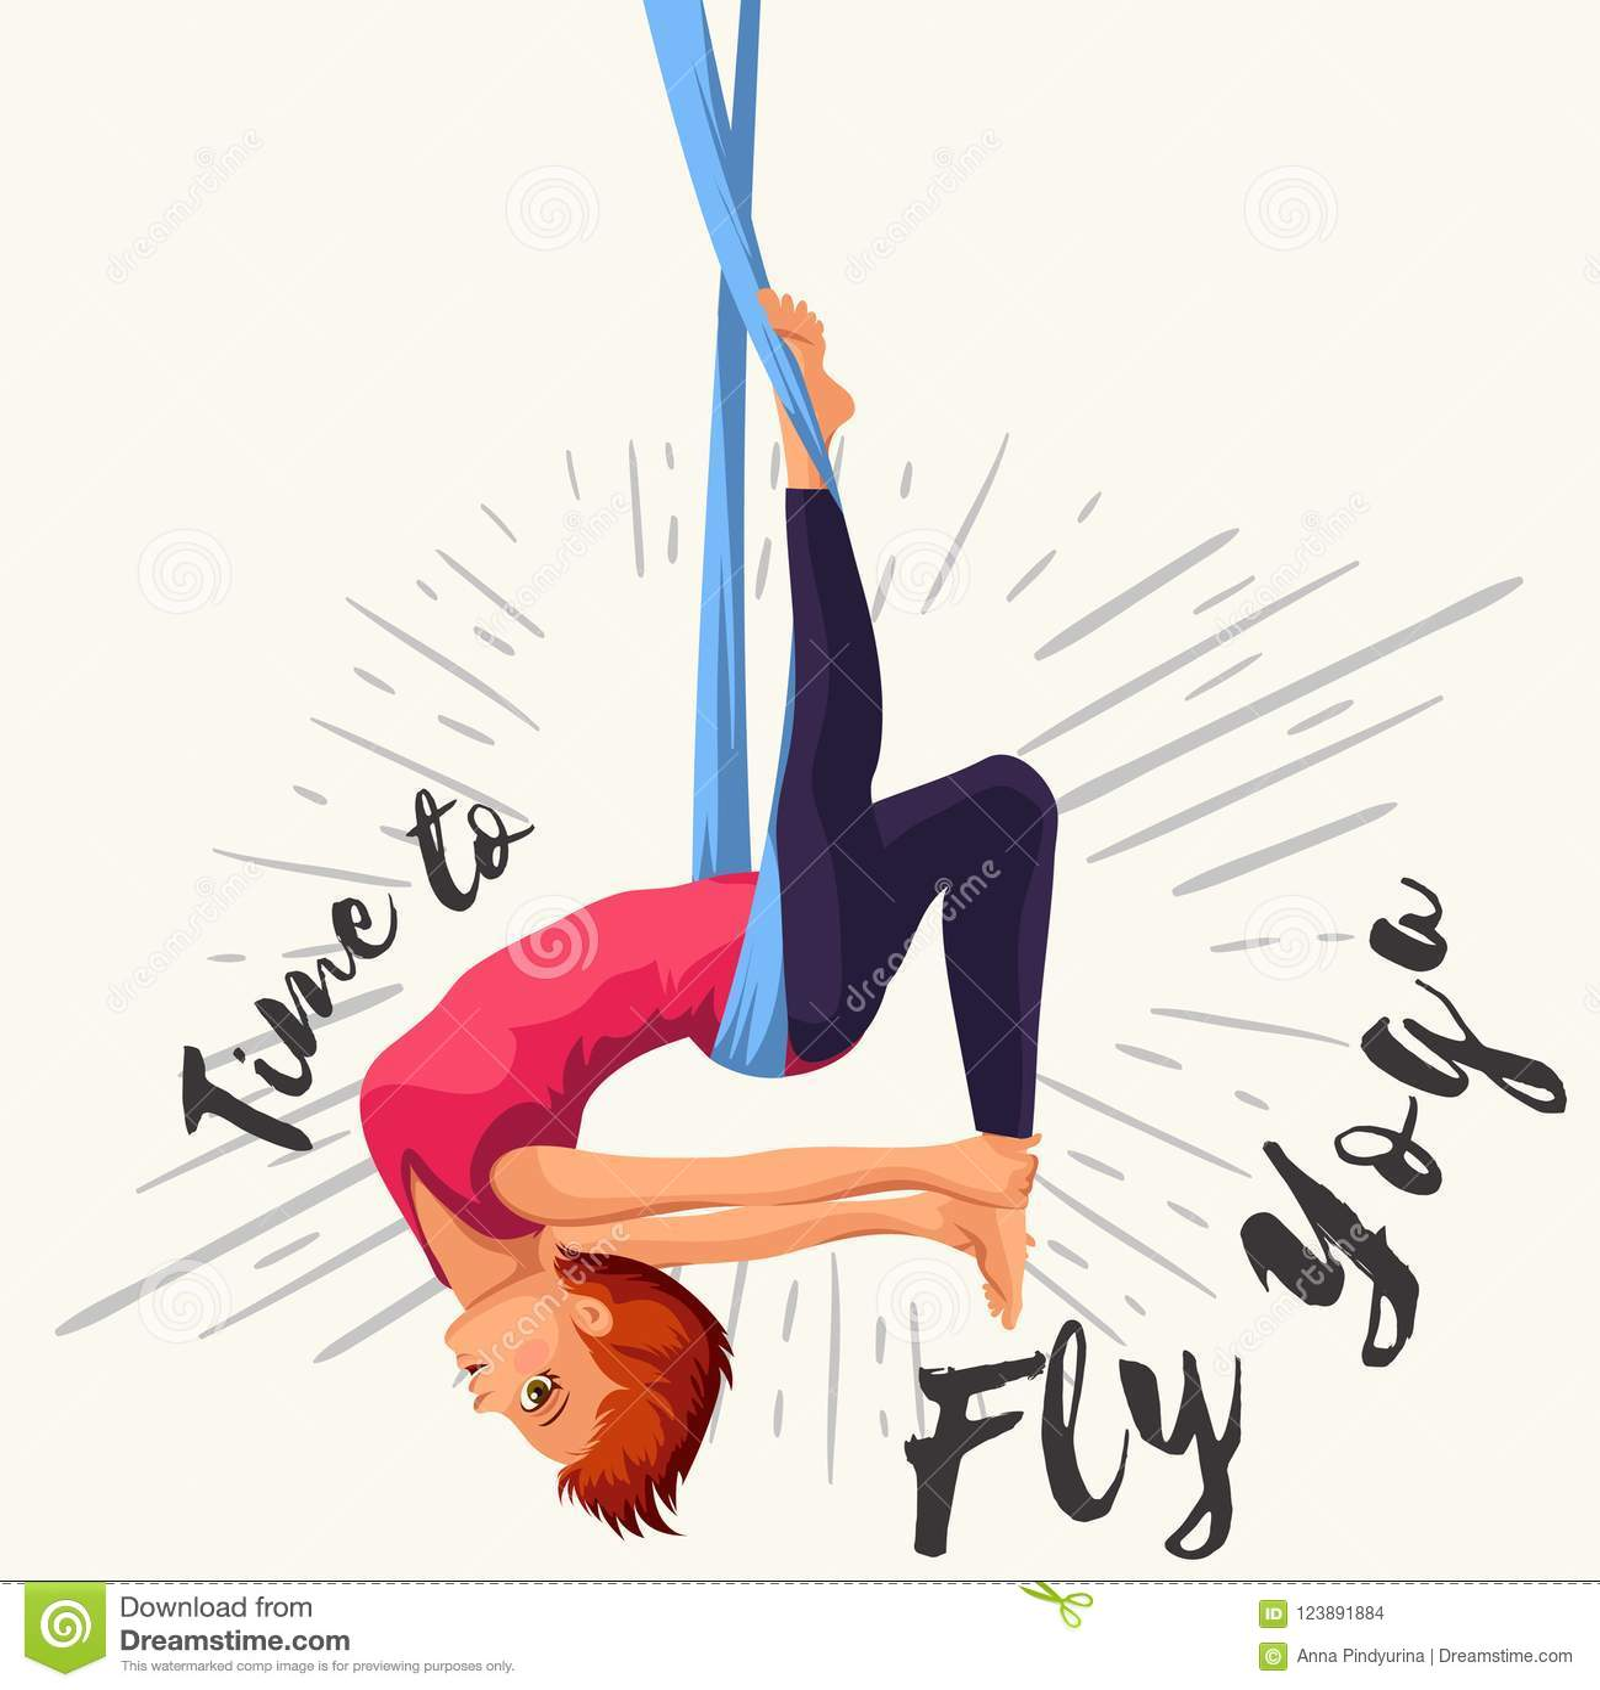 Aerial Yoga Poses Poster